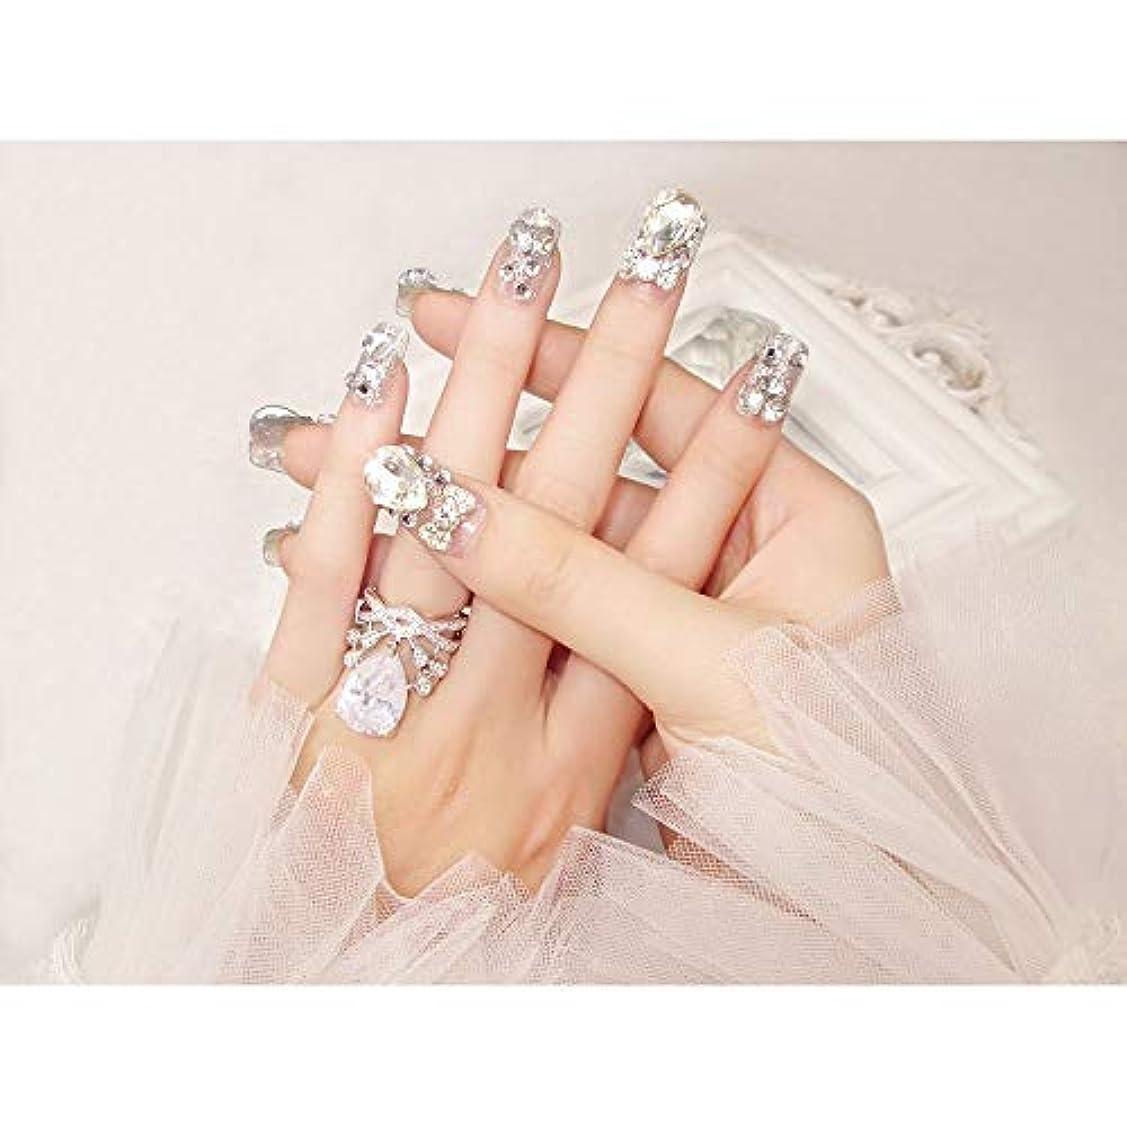 勝利したアメリカ柱YESONEEP 完成した偽の釘24ピース箱入り花嫁シャイニー偽の爪の宝石ダイヤモンドの宝石ブライダルネイルステッカー (色 : 24 pieces)